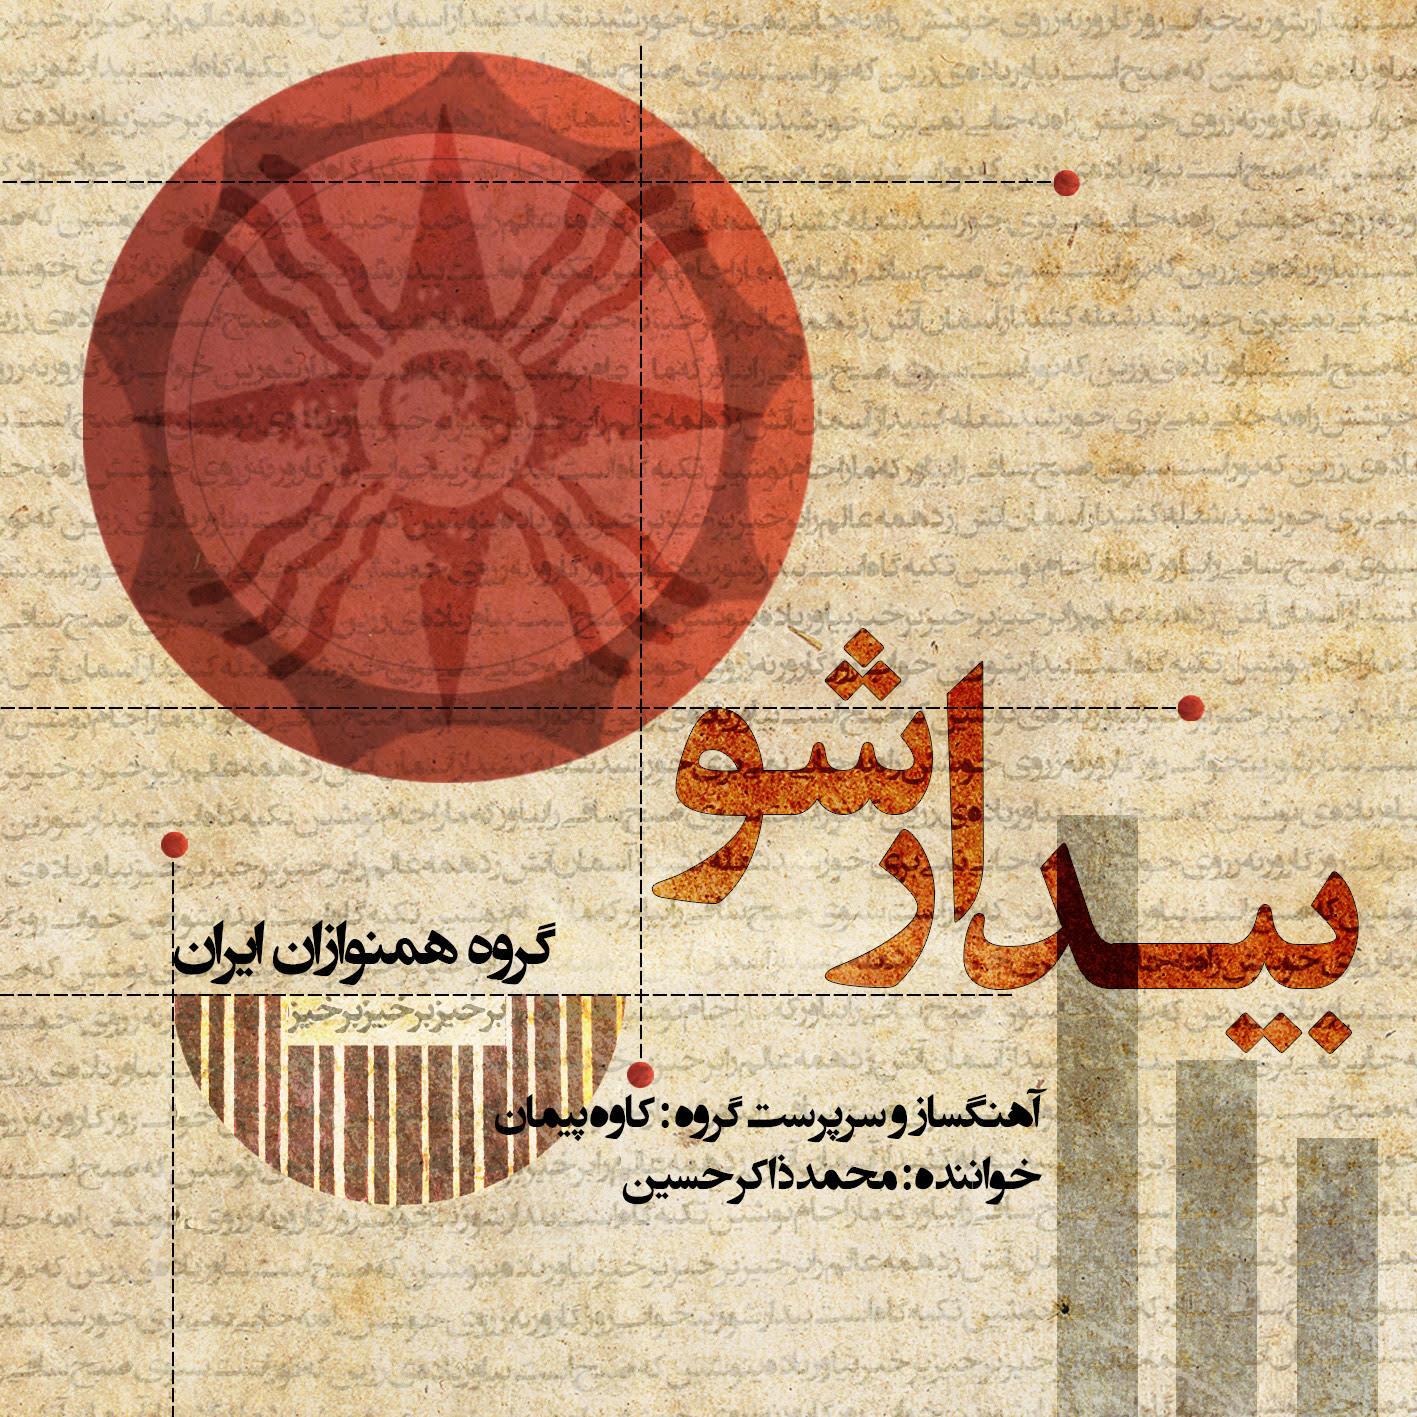 دانلود آلبوم محمد ذاکر حسین بیدار شو